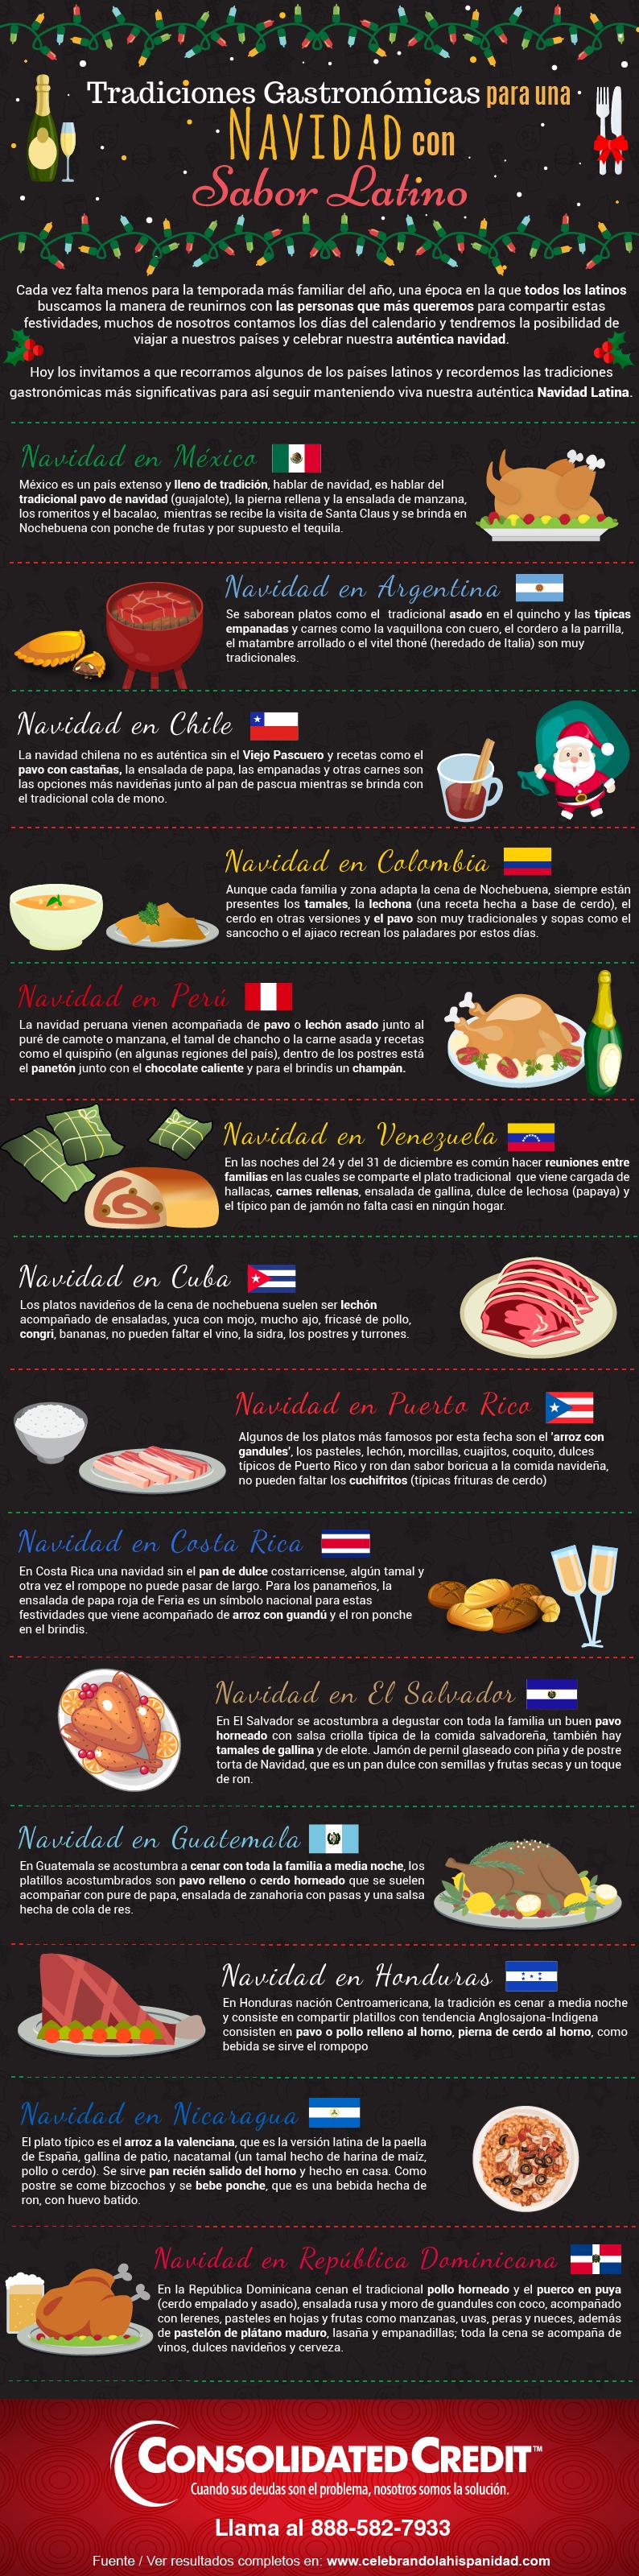 infografia Tradiciones Gastronómicas para una Navidad con Sabor Latino